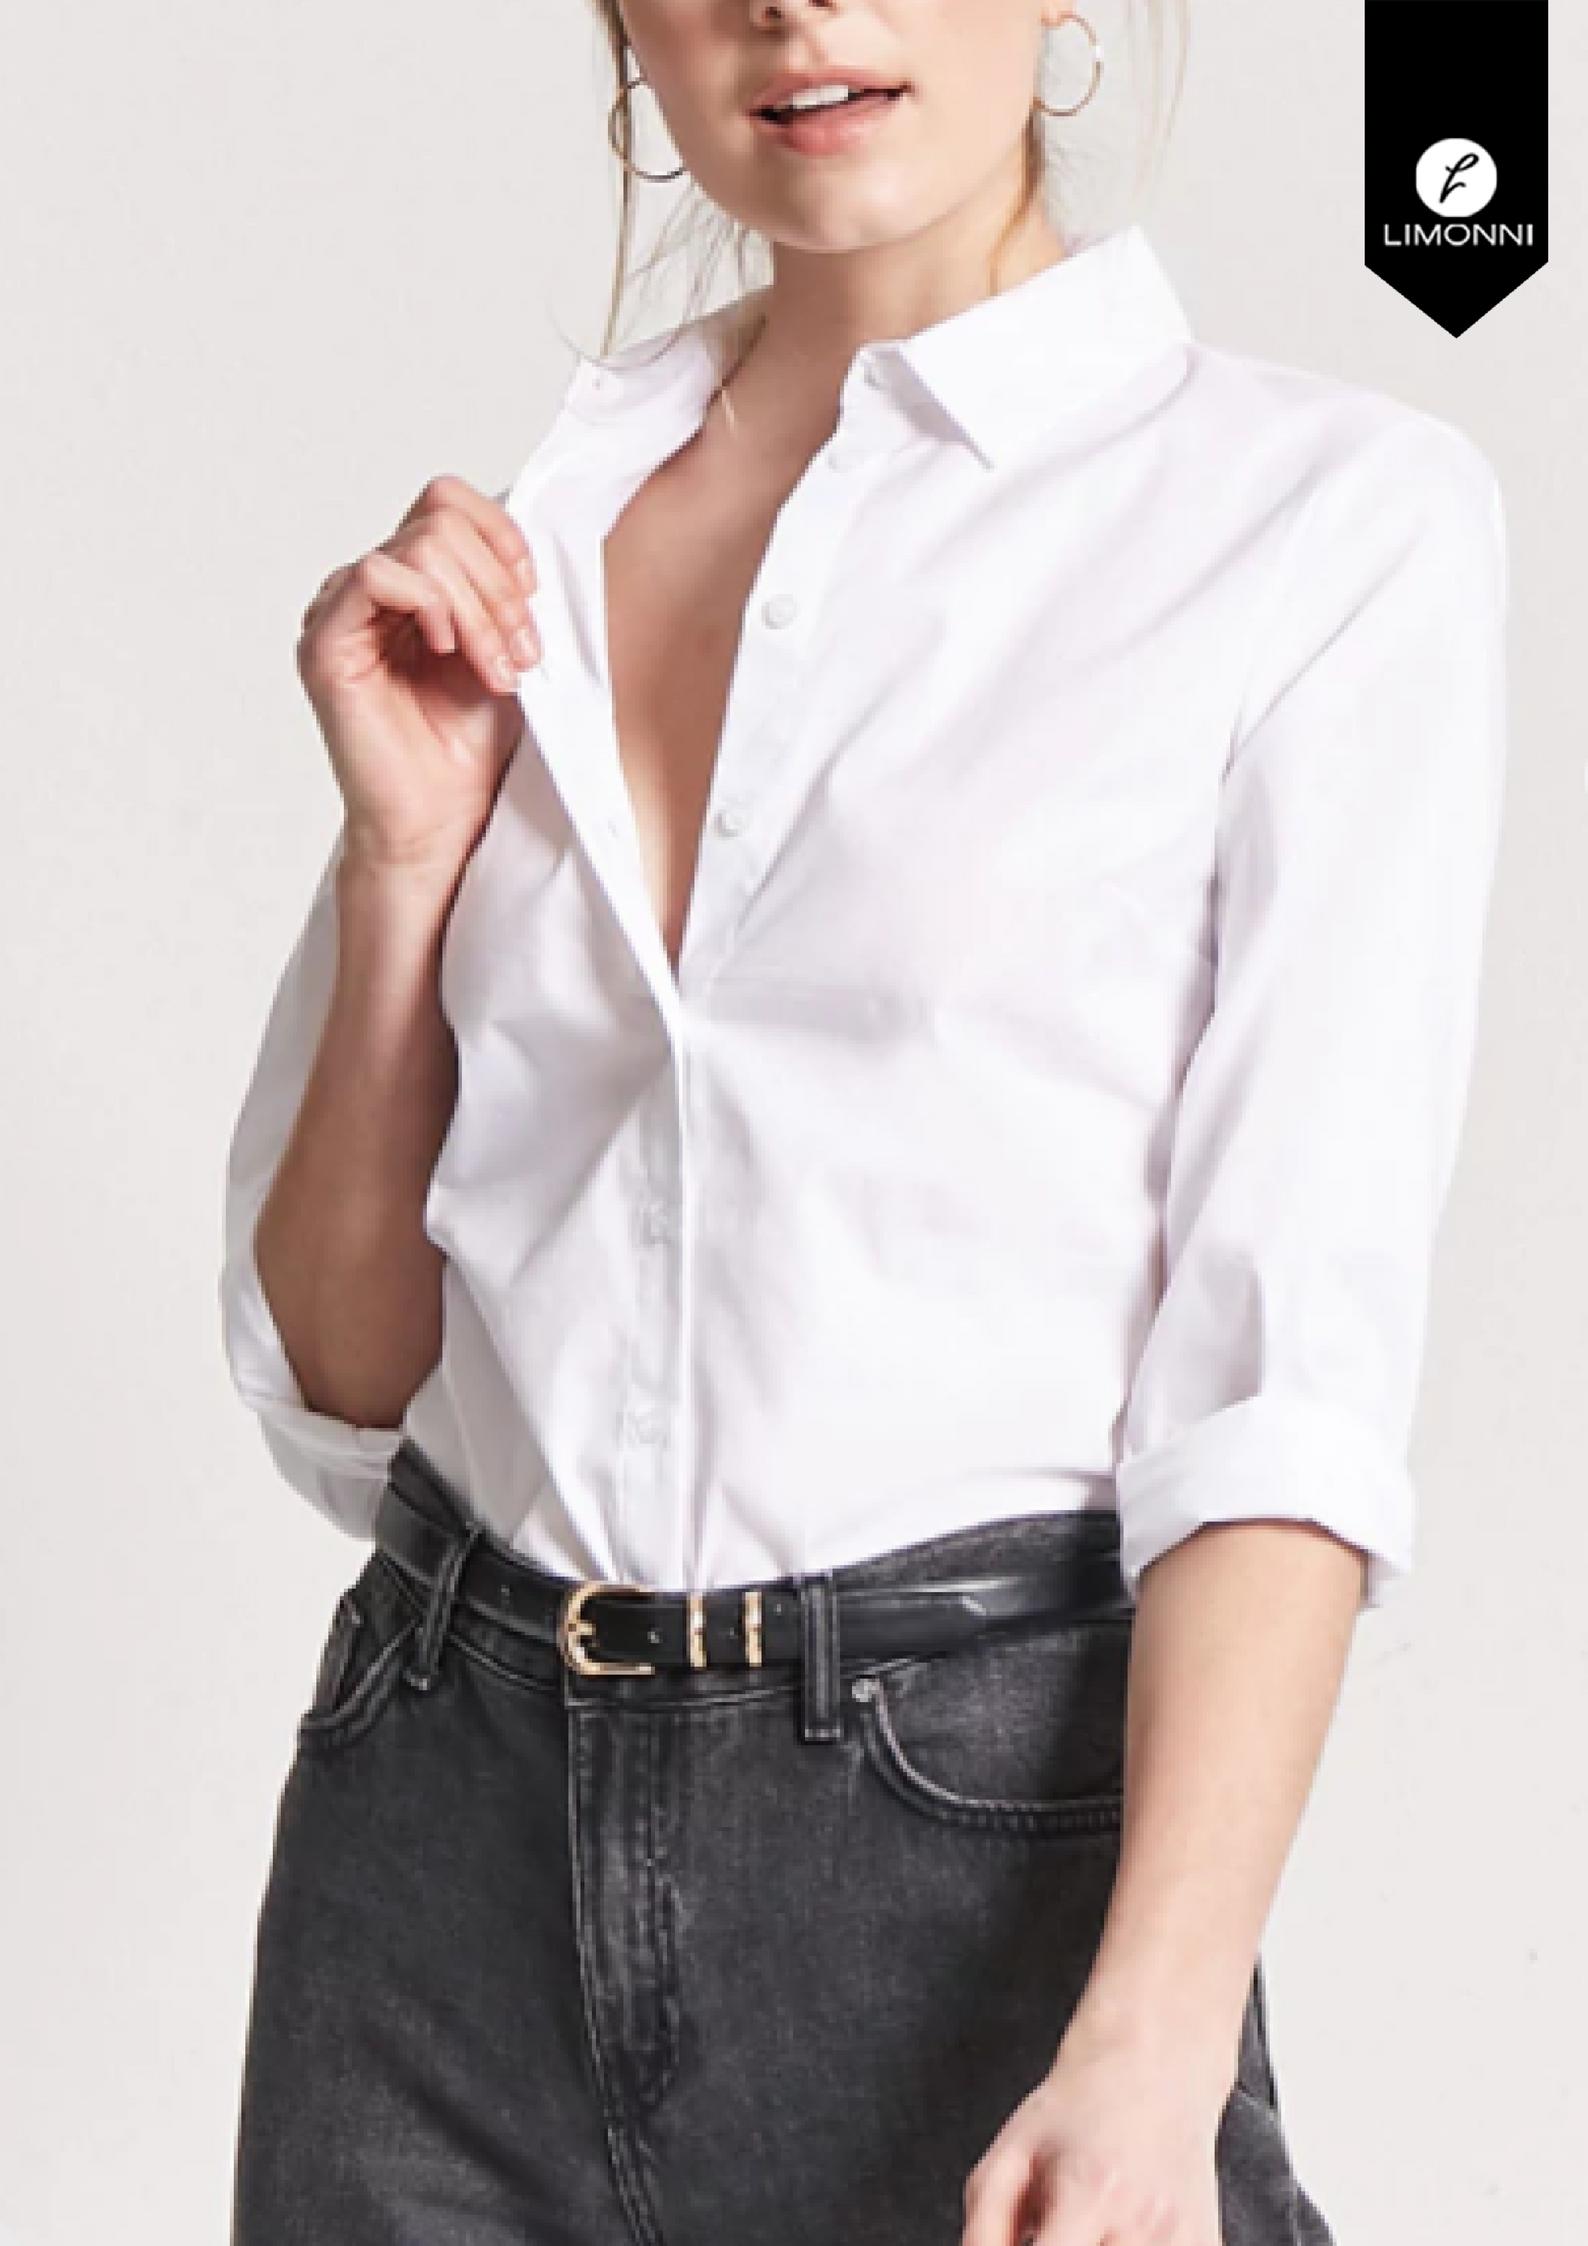 Blusas para mujer Limonni Novalee LI1549 Camiseras